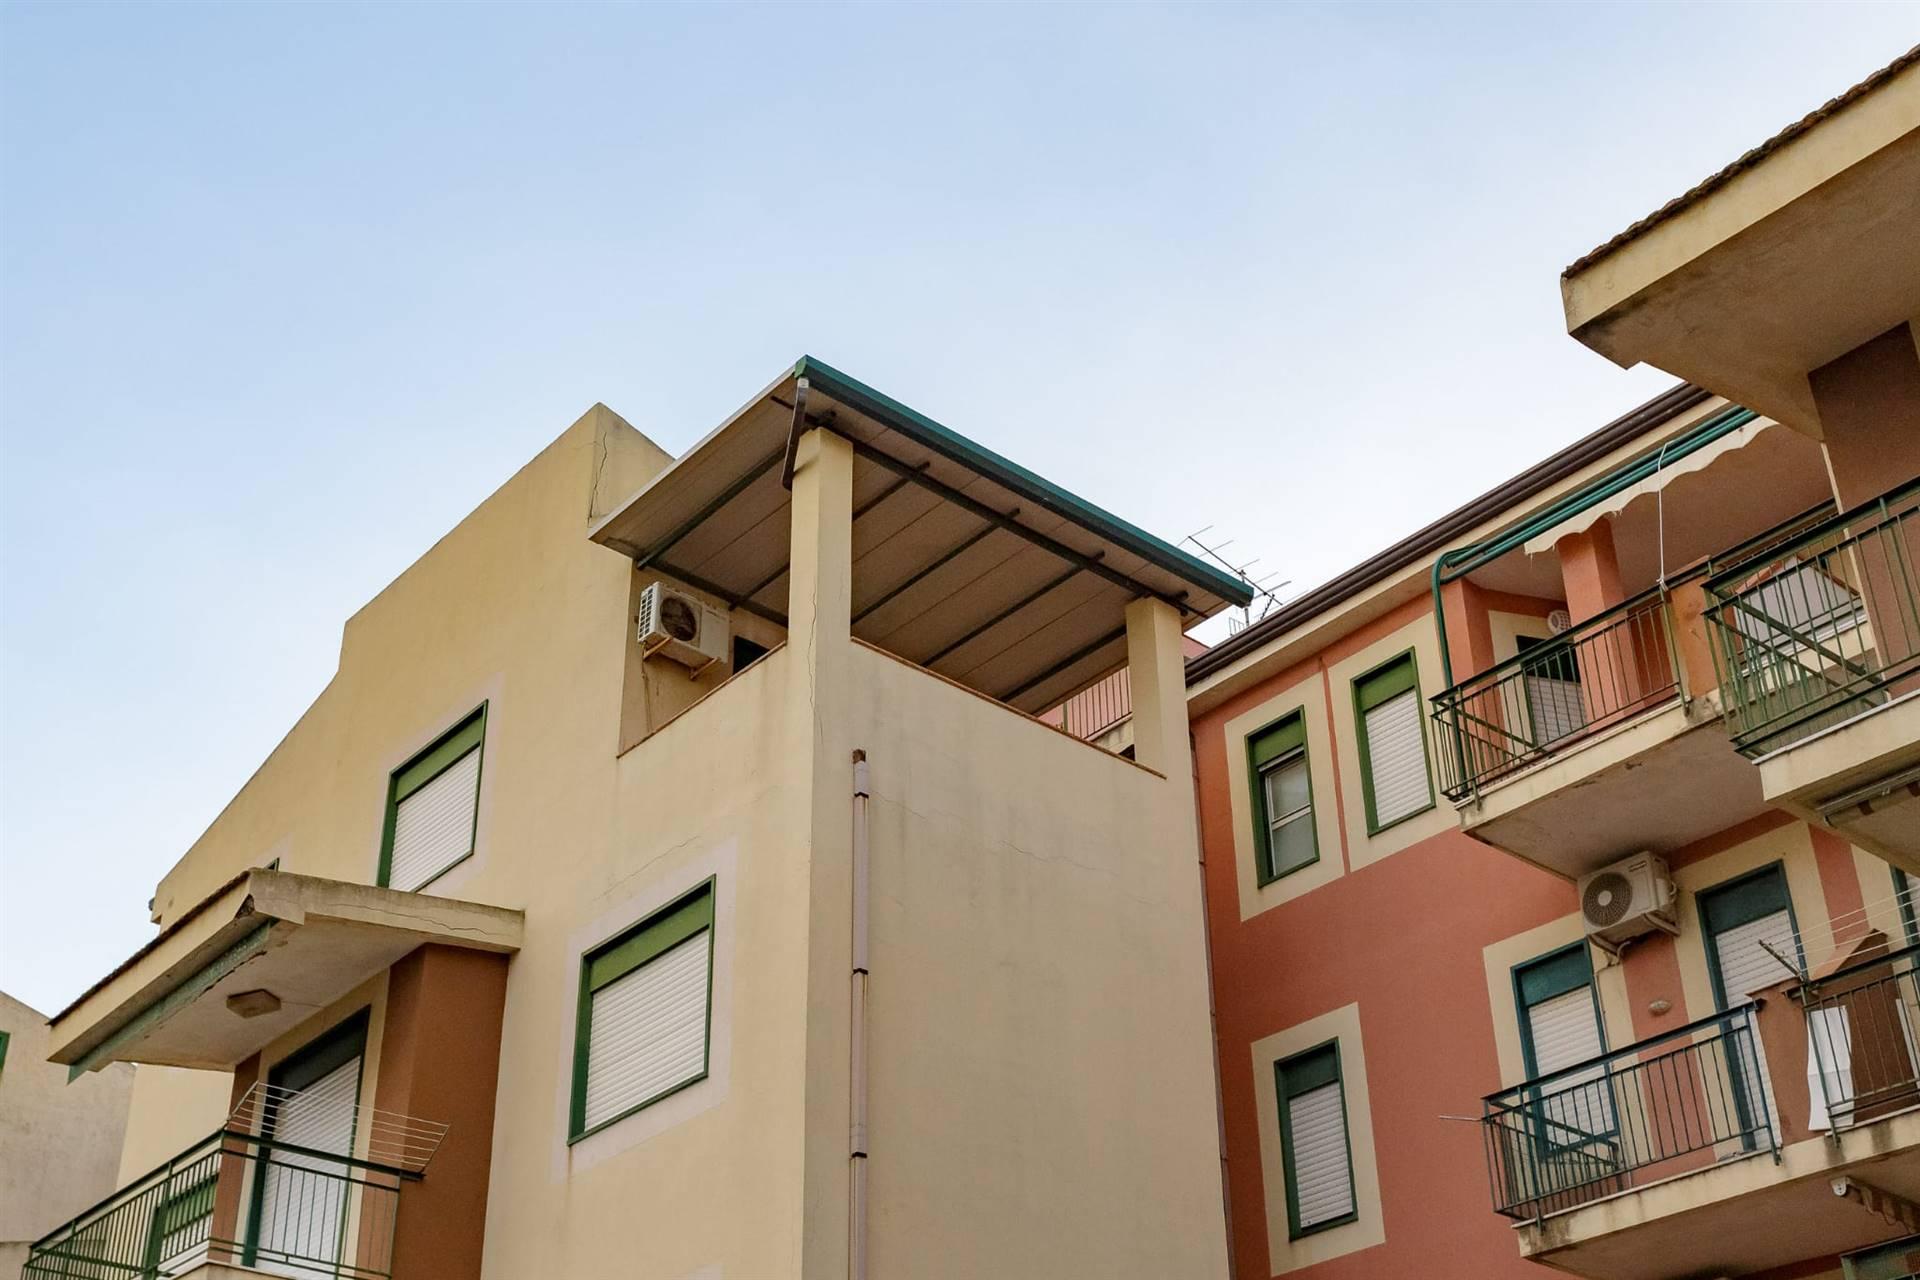 Appartamento in vendita a Giardini-Naxos, 2 locali, prezzo € 79.000 | CambioCasa.it